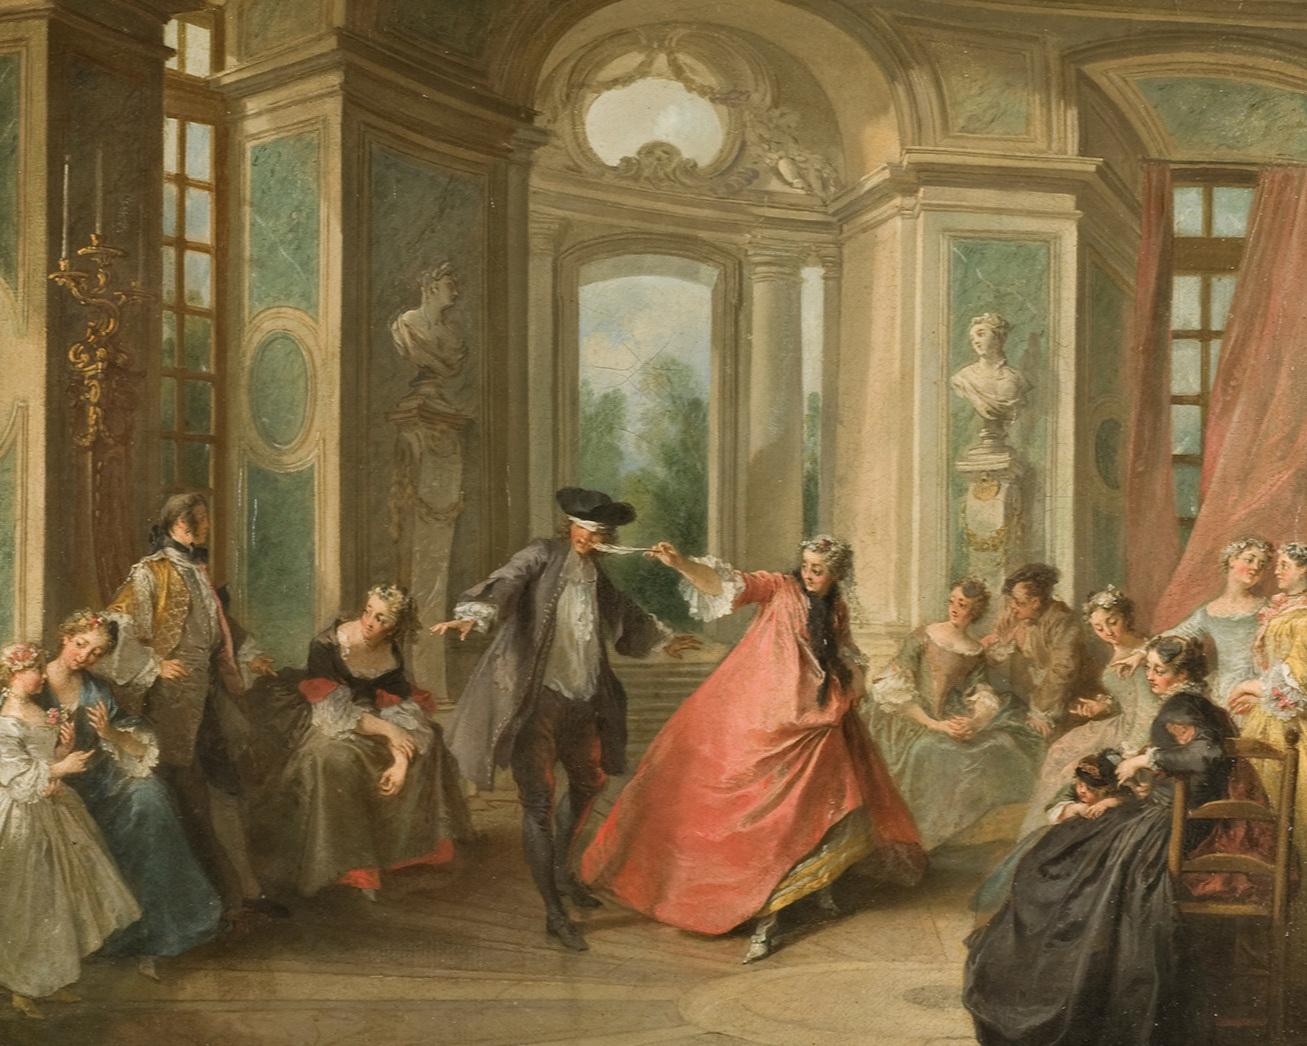 Lekfulla scener där tidens samhällselit roade sig var en populär genre i början av 1700-talet. Blindbock av Nicolas Lancret, cirka 1730. Nationalmuseum.